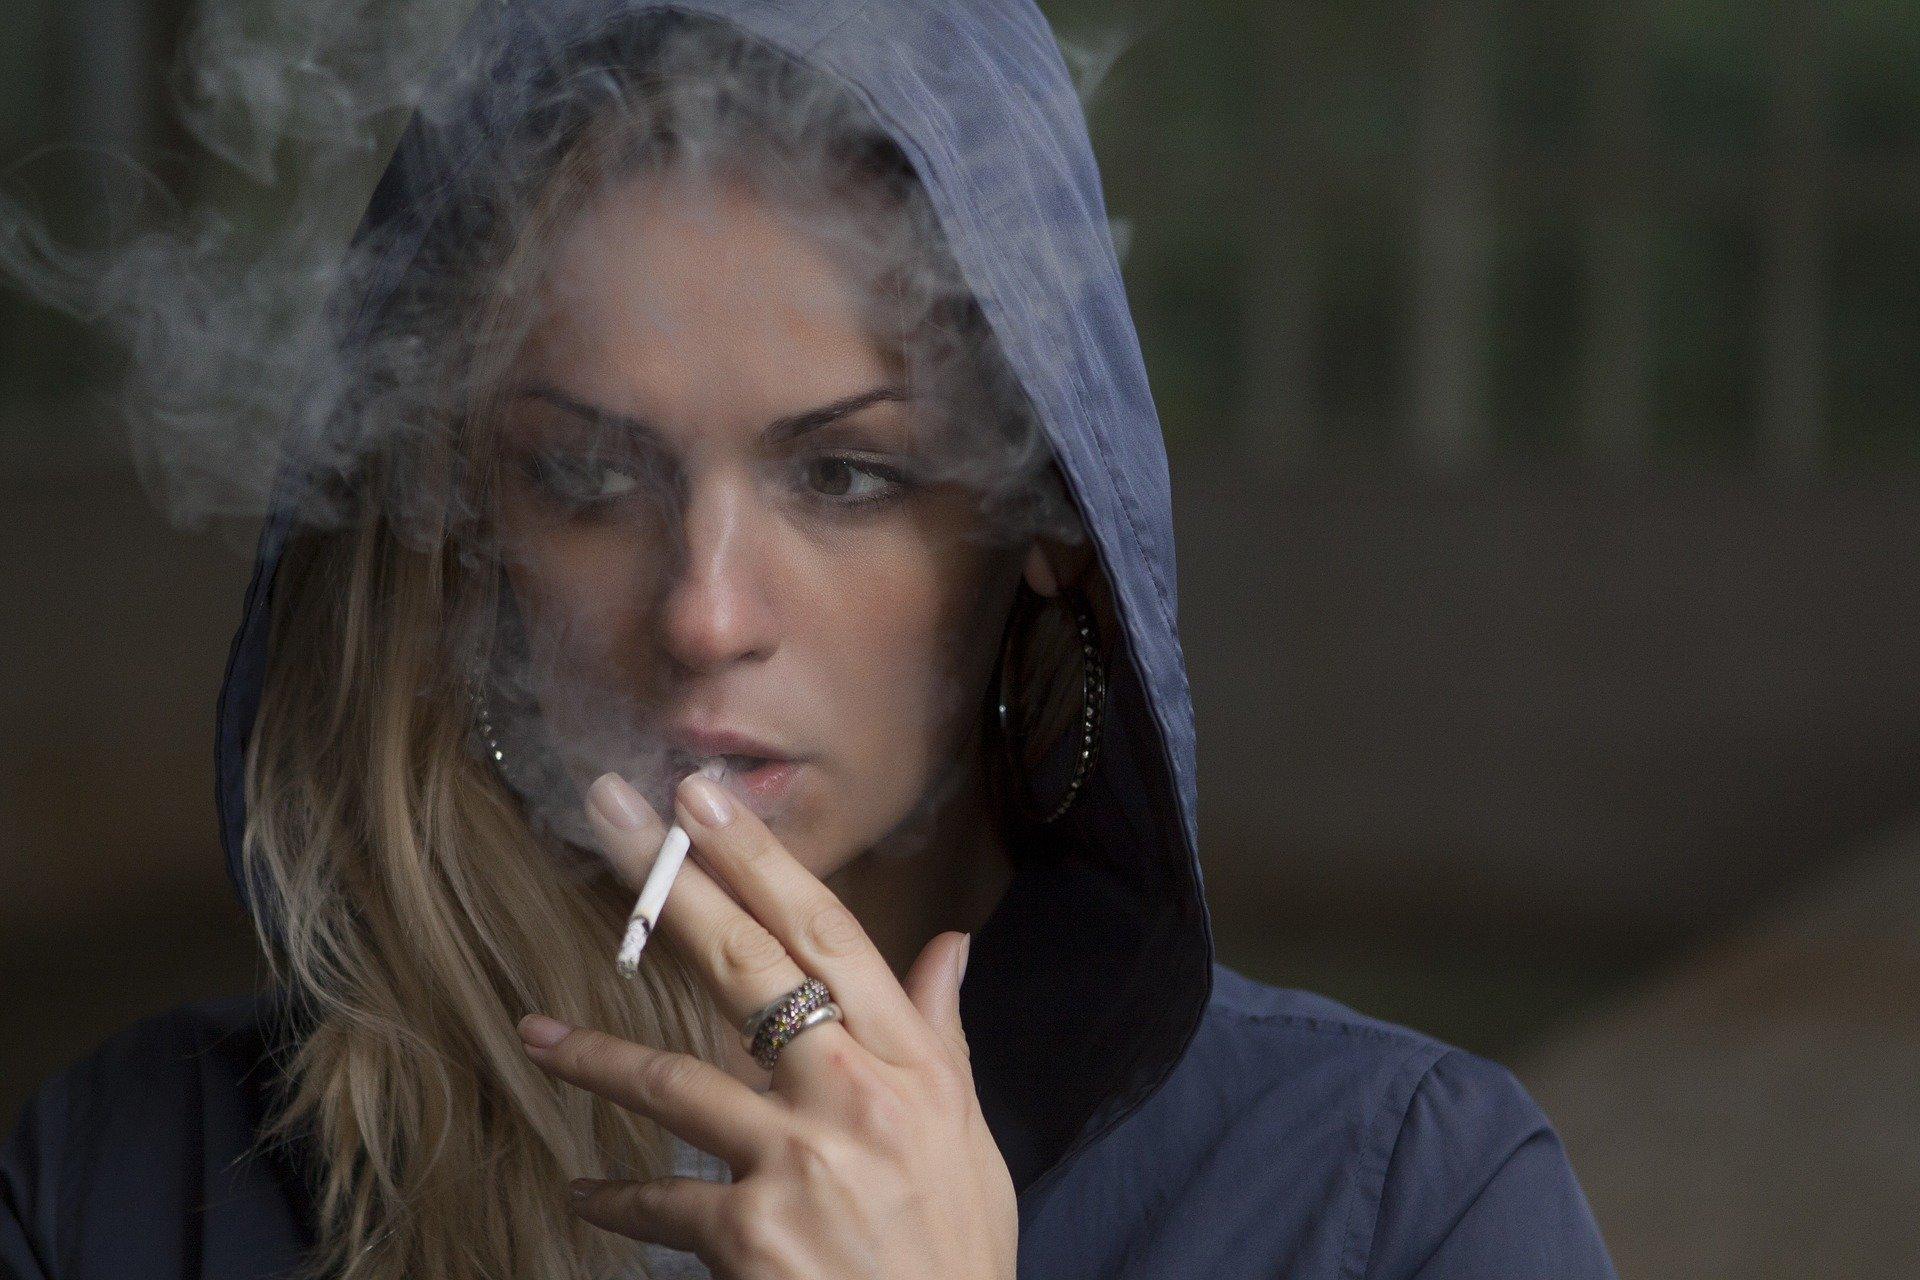 Erhöhen Sie die rechtliche Kauf Alter das Rauchen zu reduzieren-raten bei Jungen Menschen, fordert Experte